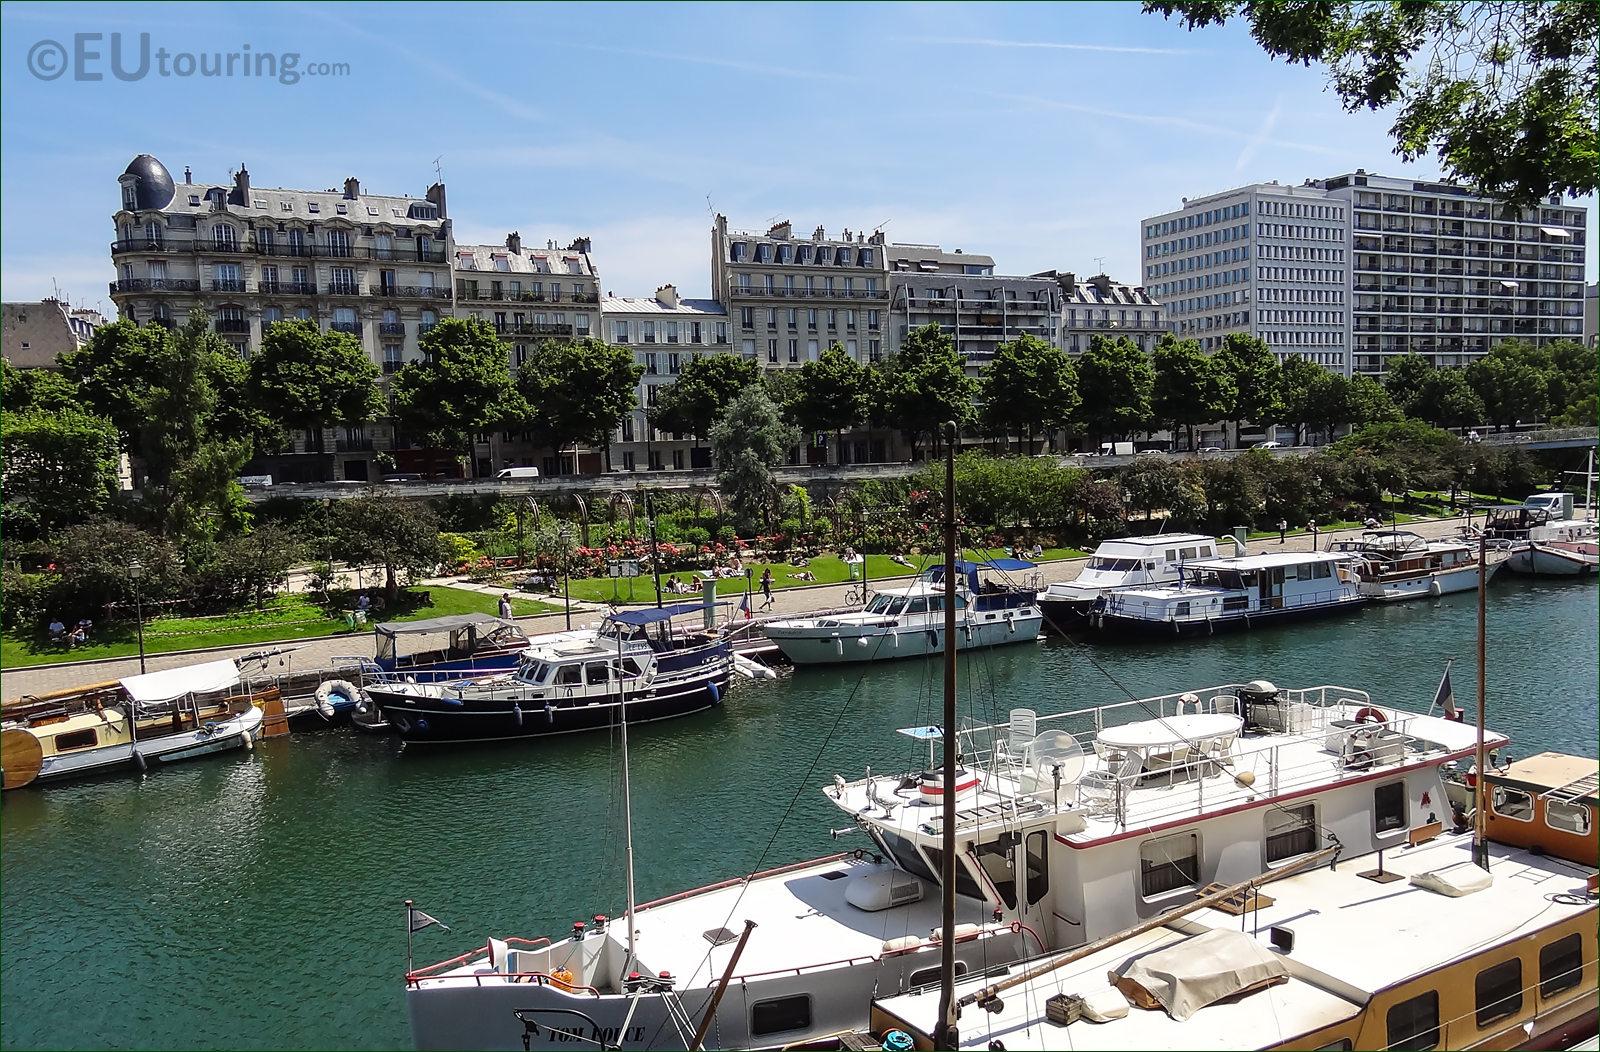 Hd photographs of port de l 39 arsenal in paris france - Port de l arsenal paris ...